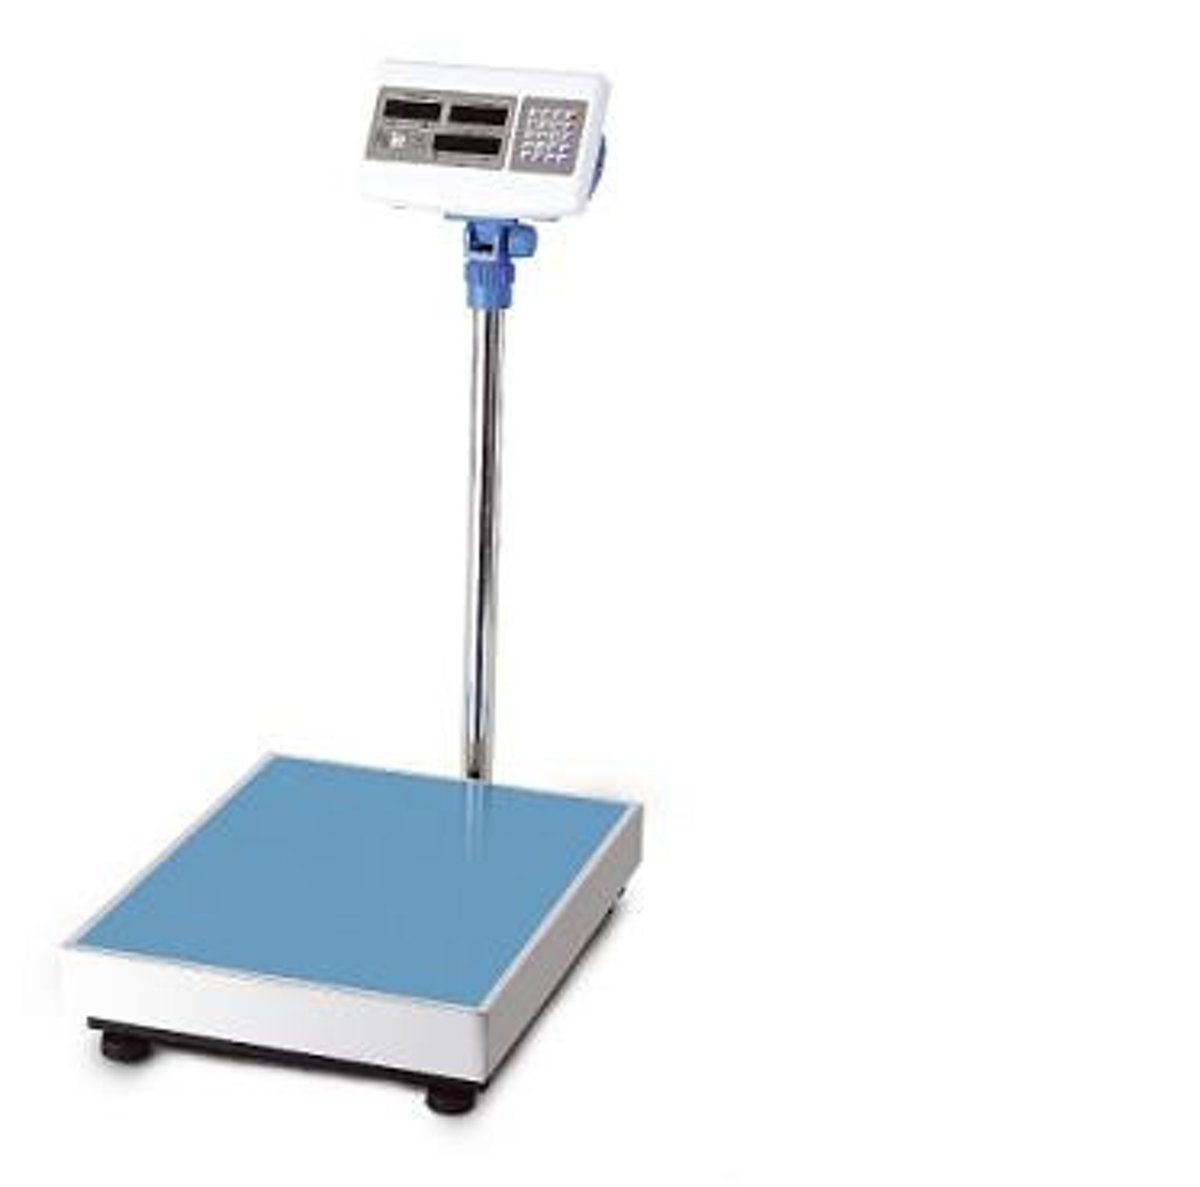 Platform Digitale industrie pakket weegschaal 1 tot 150Kg met kilo prijs berekening en 4Ah accu